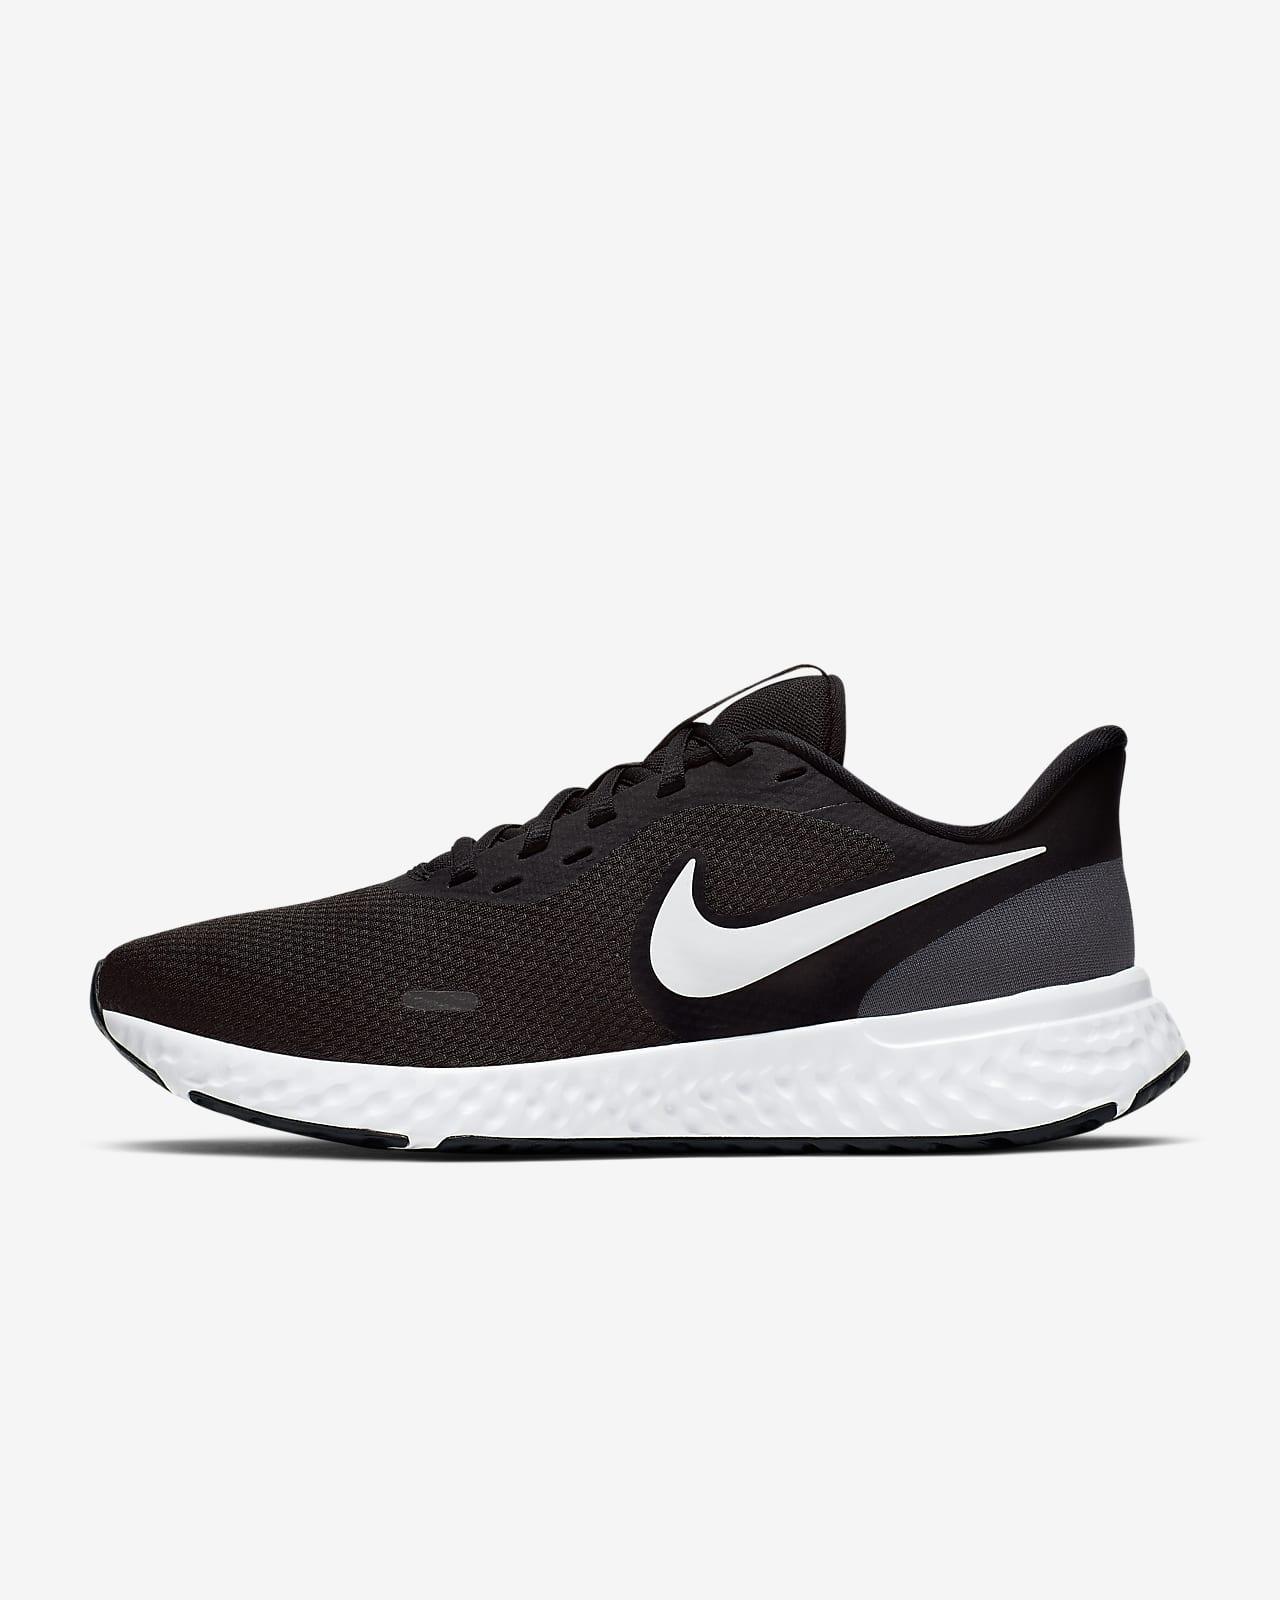 Γυναικείο παπούτσι για τρέξιμο Nike Revolution 5